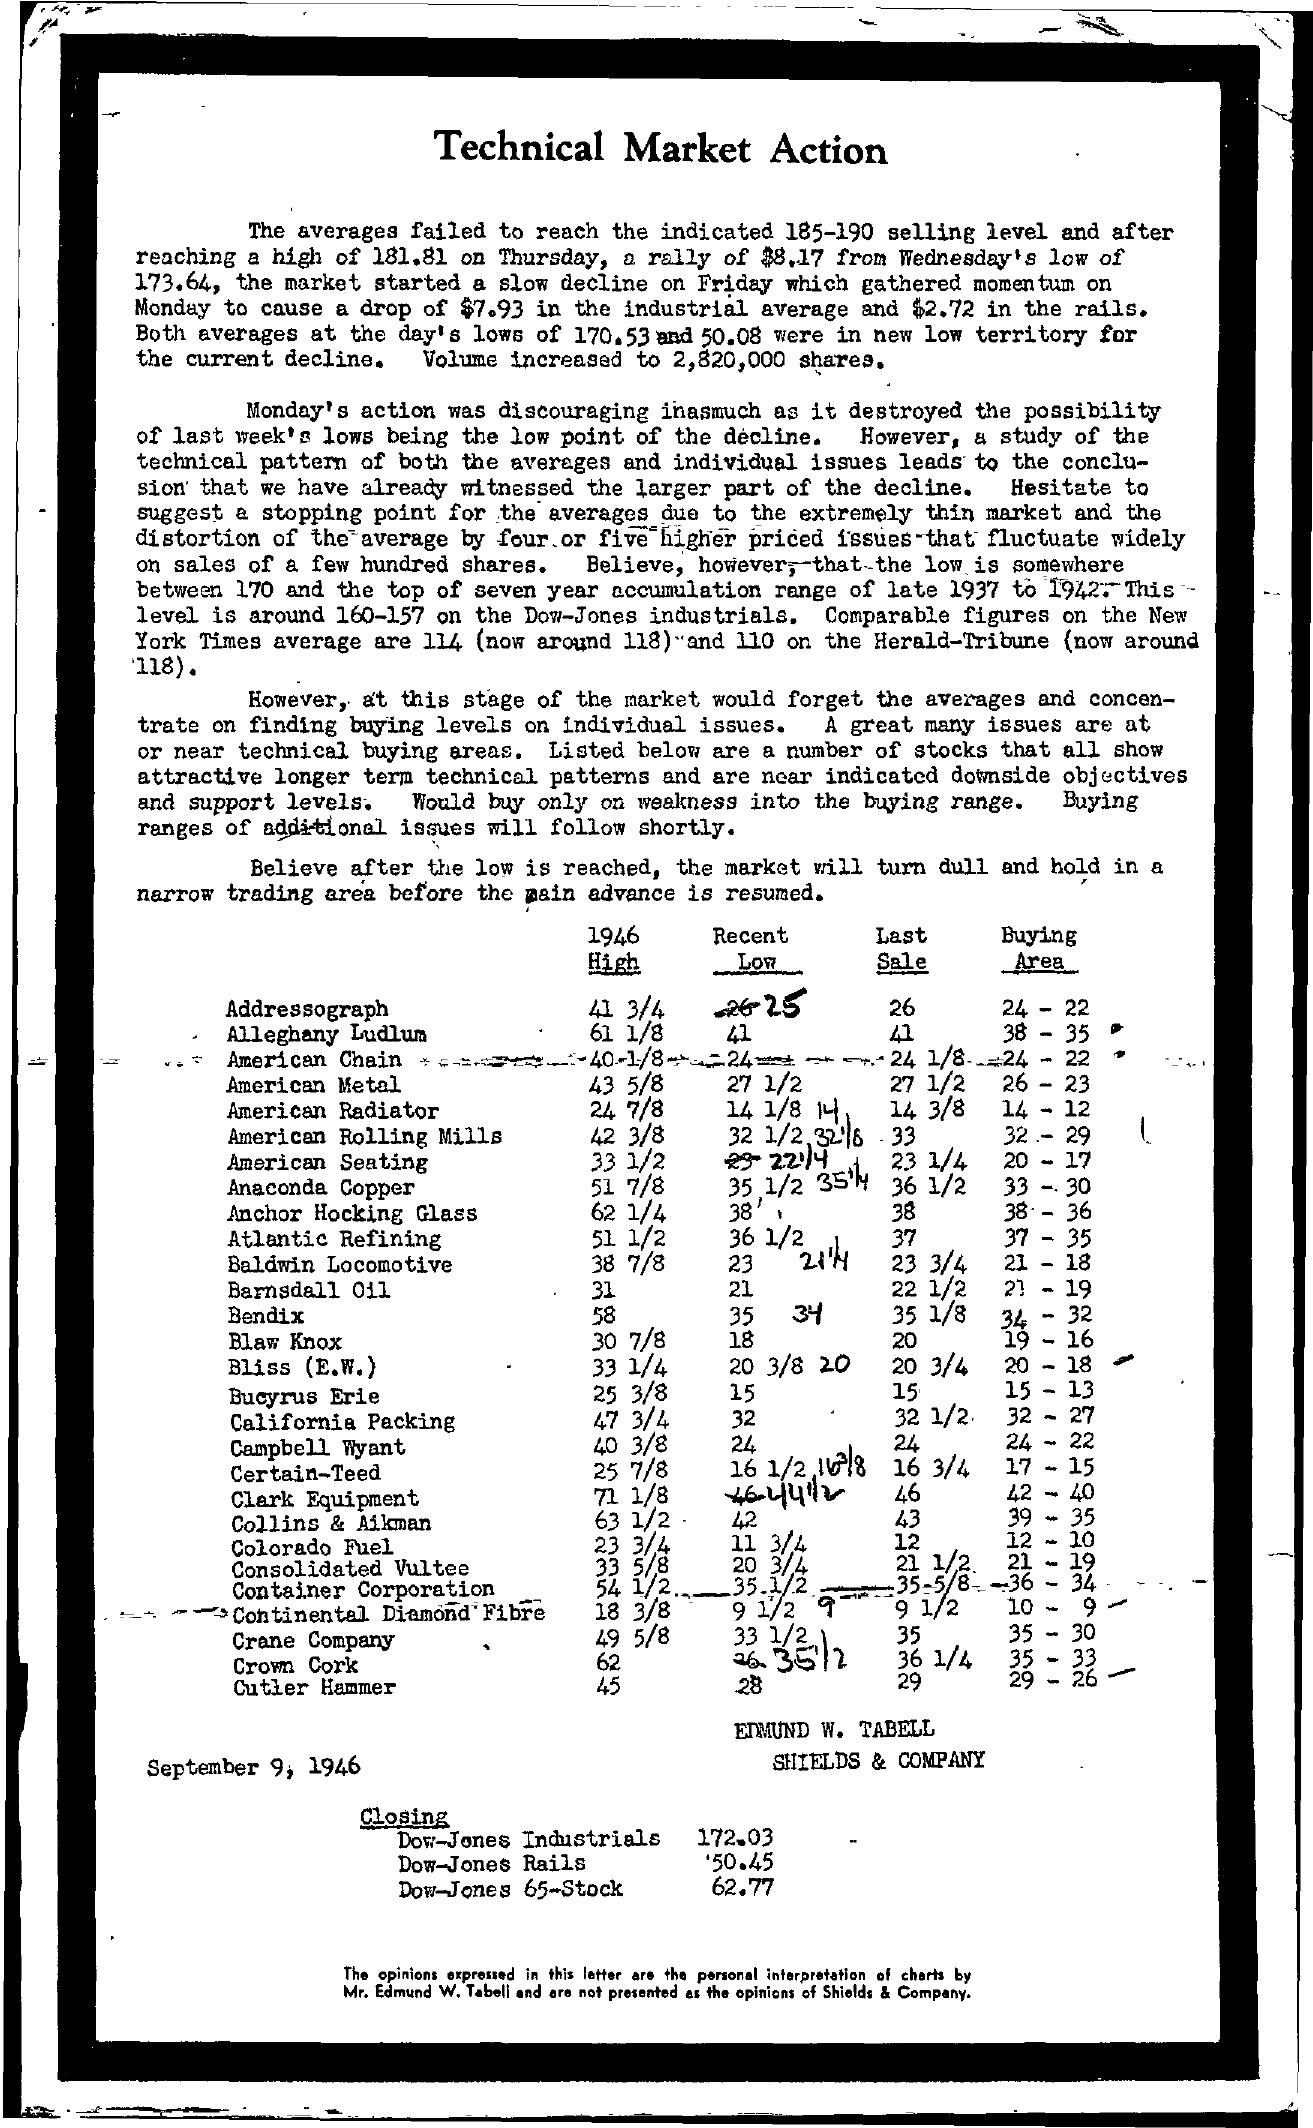 Tabell's Market Letter - September 09, 1946